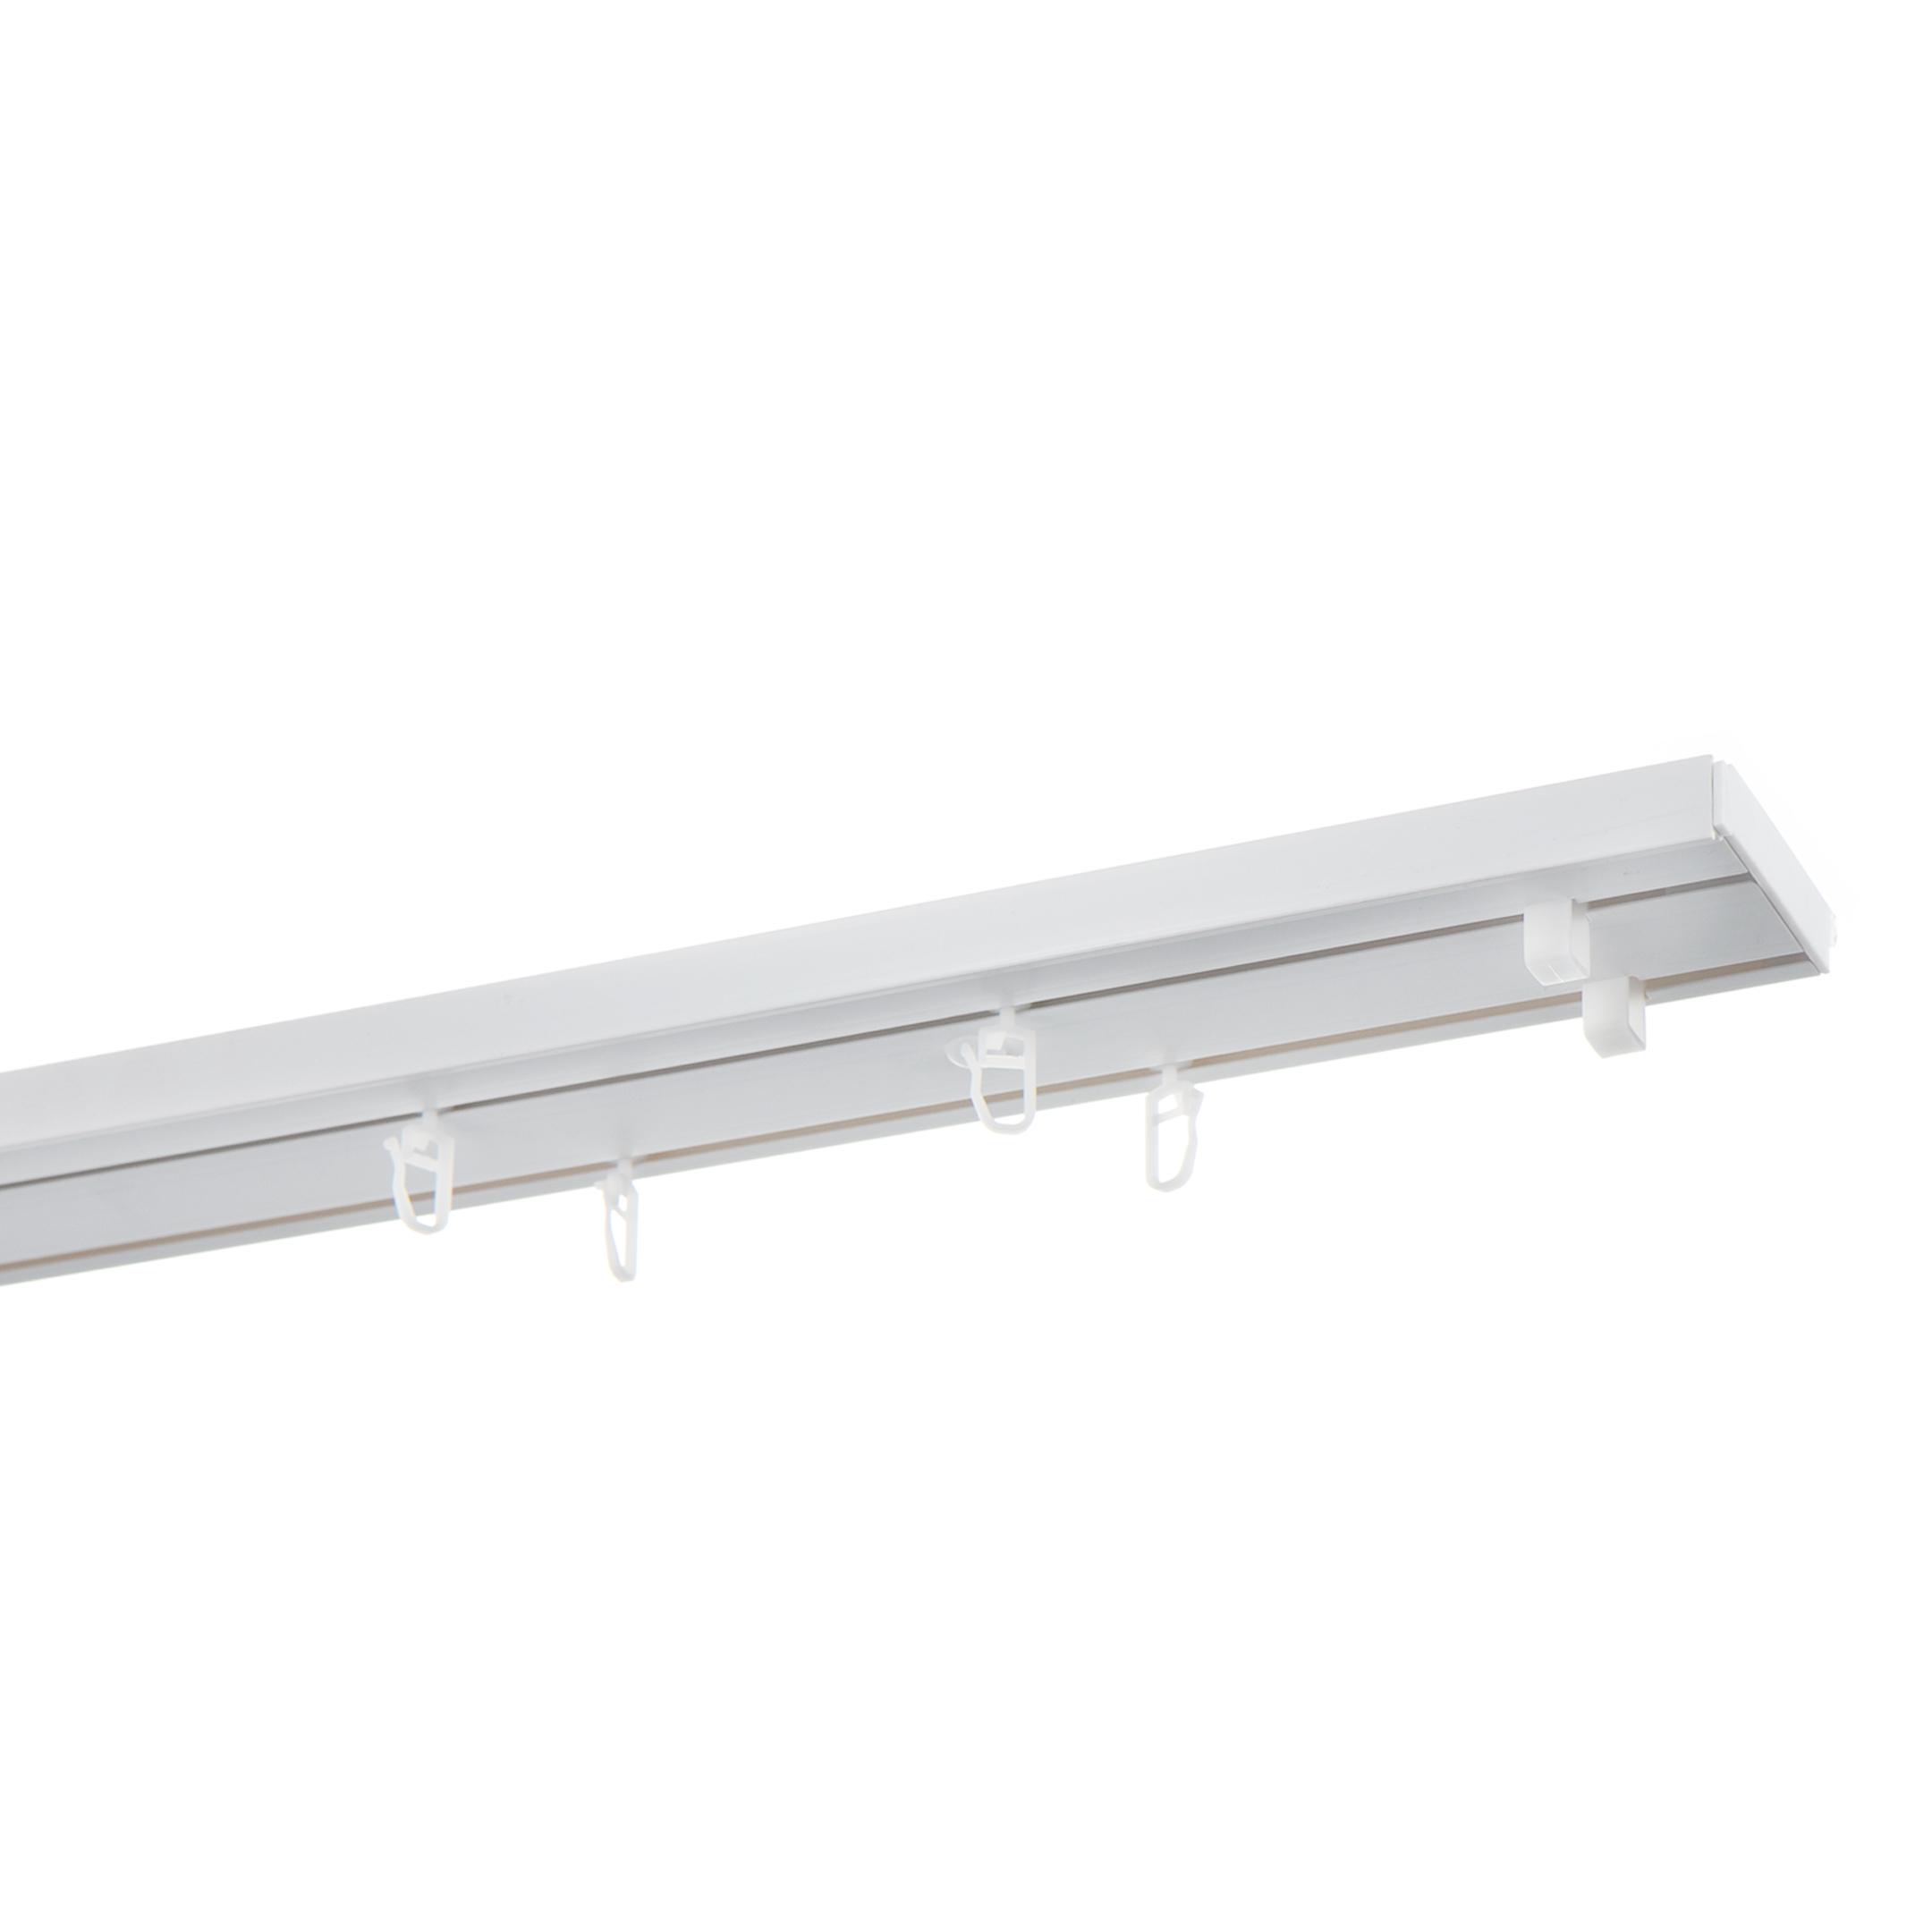 Фото - Карниз потолочный пластмассовый двухрядный Стандартный 200 см белый карниз потолочный пластмассовый двухрядный стандартный 200 см белый